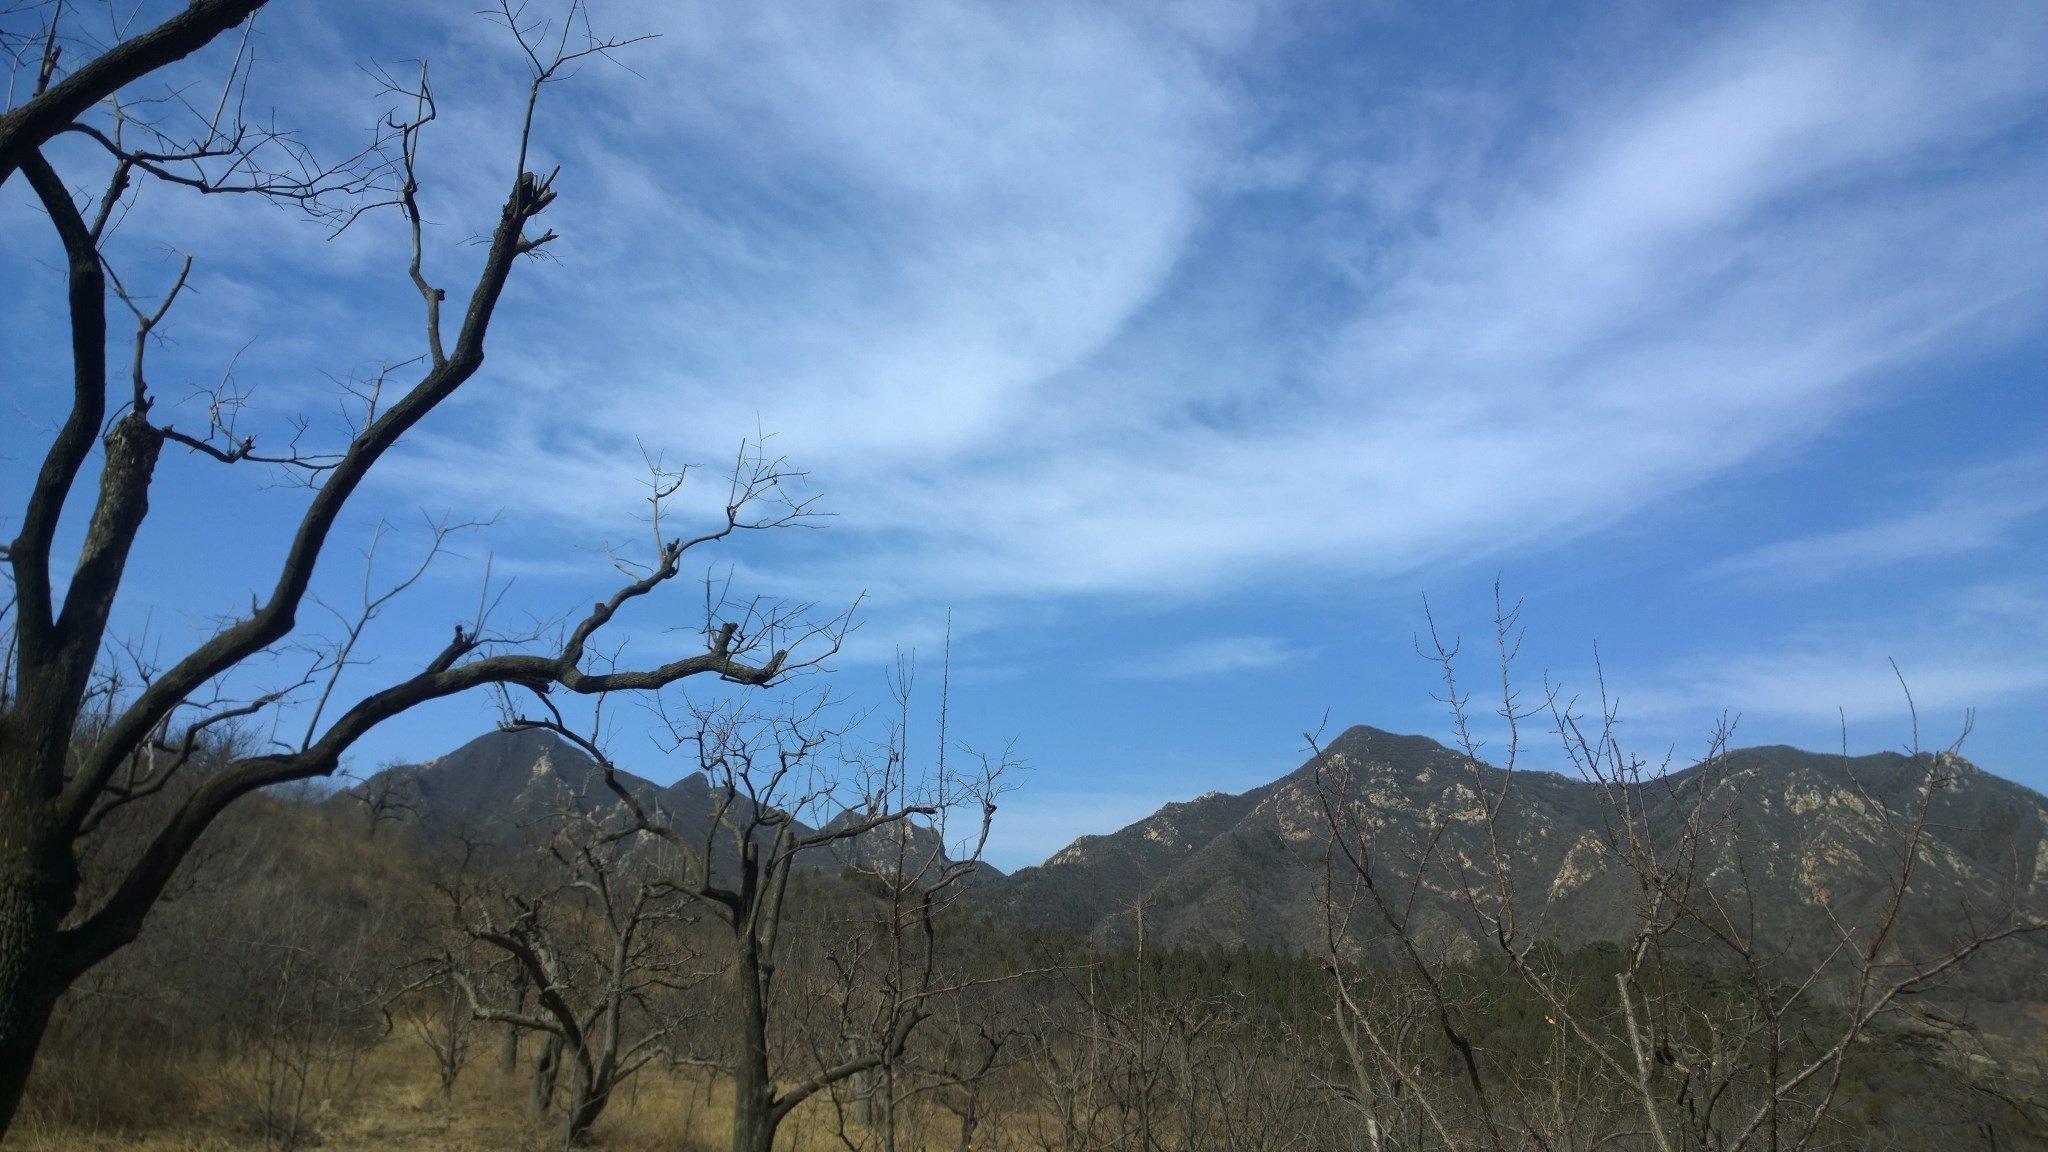 山地版十三陵穿越第一款,凝重的历史